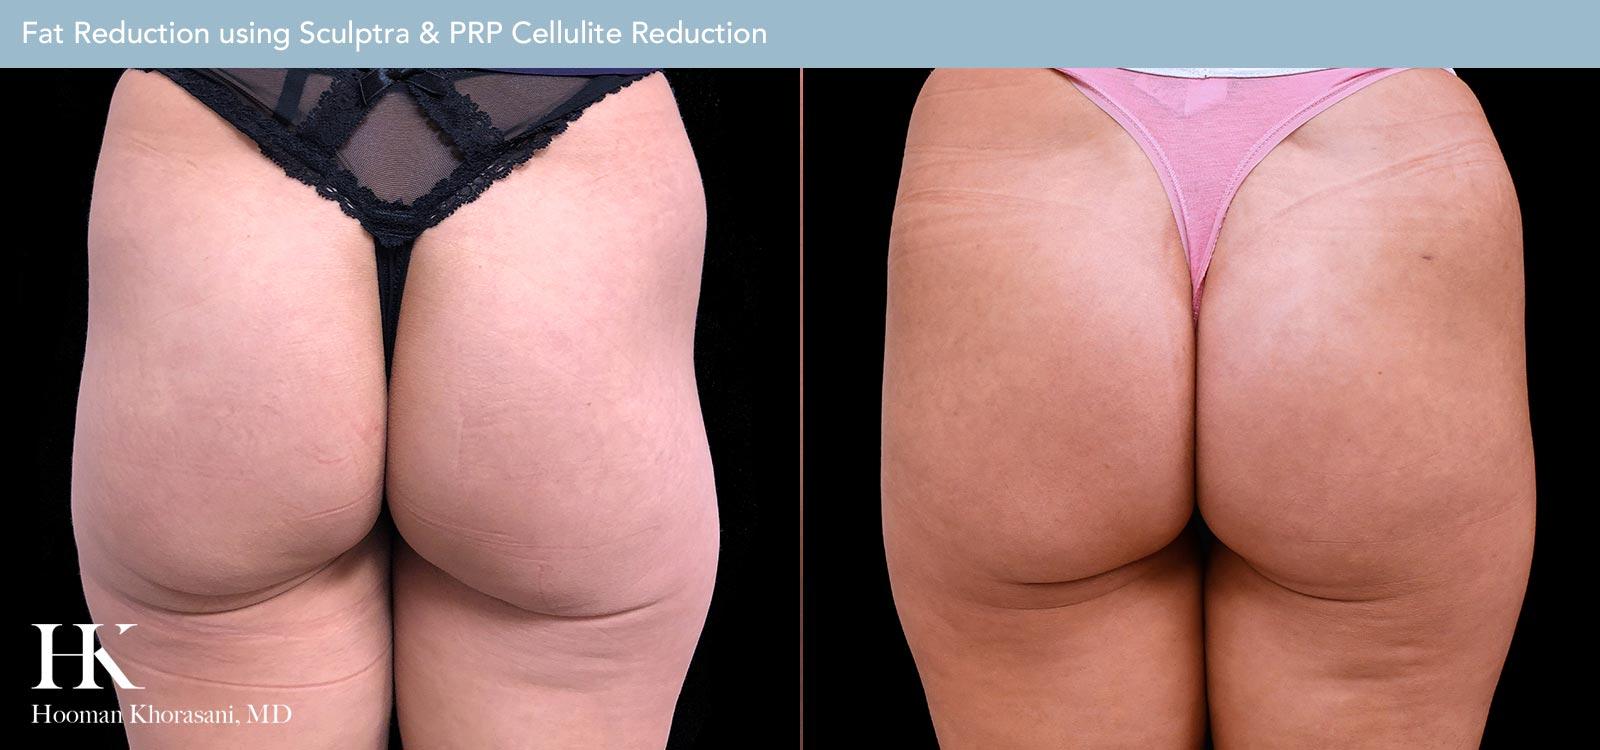 Fat Reduction using Sculptra & PRP Cellulite Reduction Case